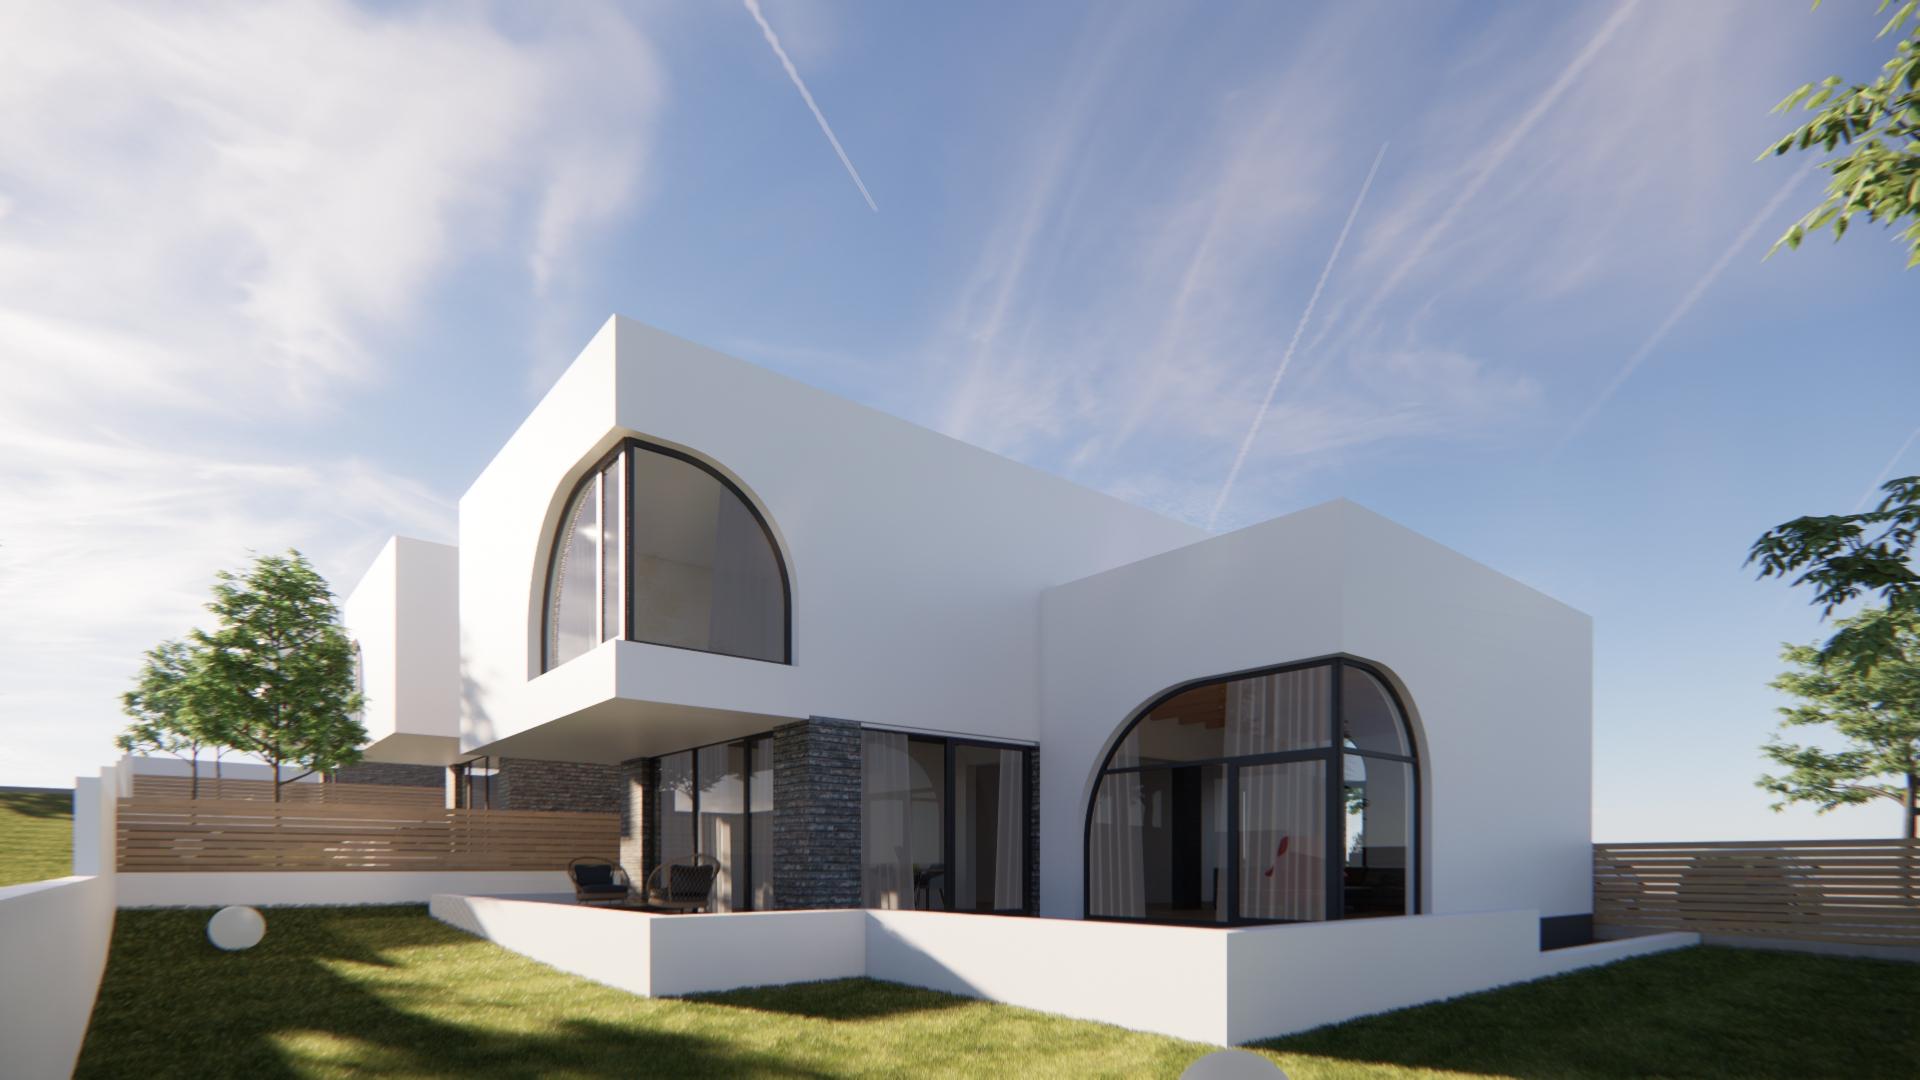 https://nbc-arhitect.ro/wp-content/uploads/2020/10/NBC-Arhitect-_-Laguna-_-Housing-_-exterior-view_3.jpg